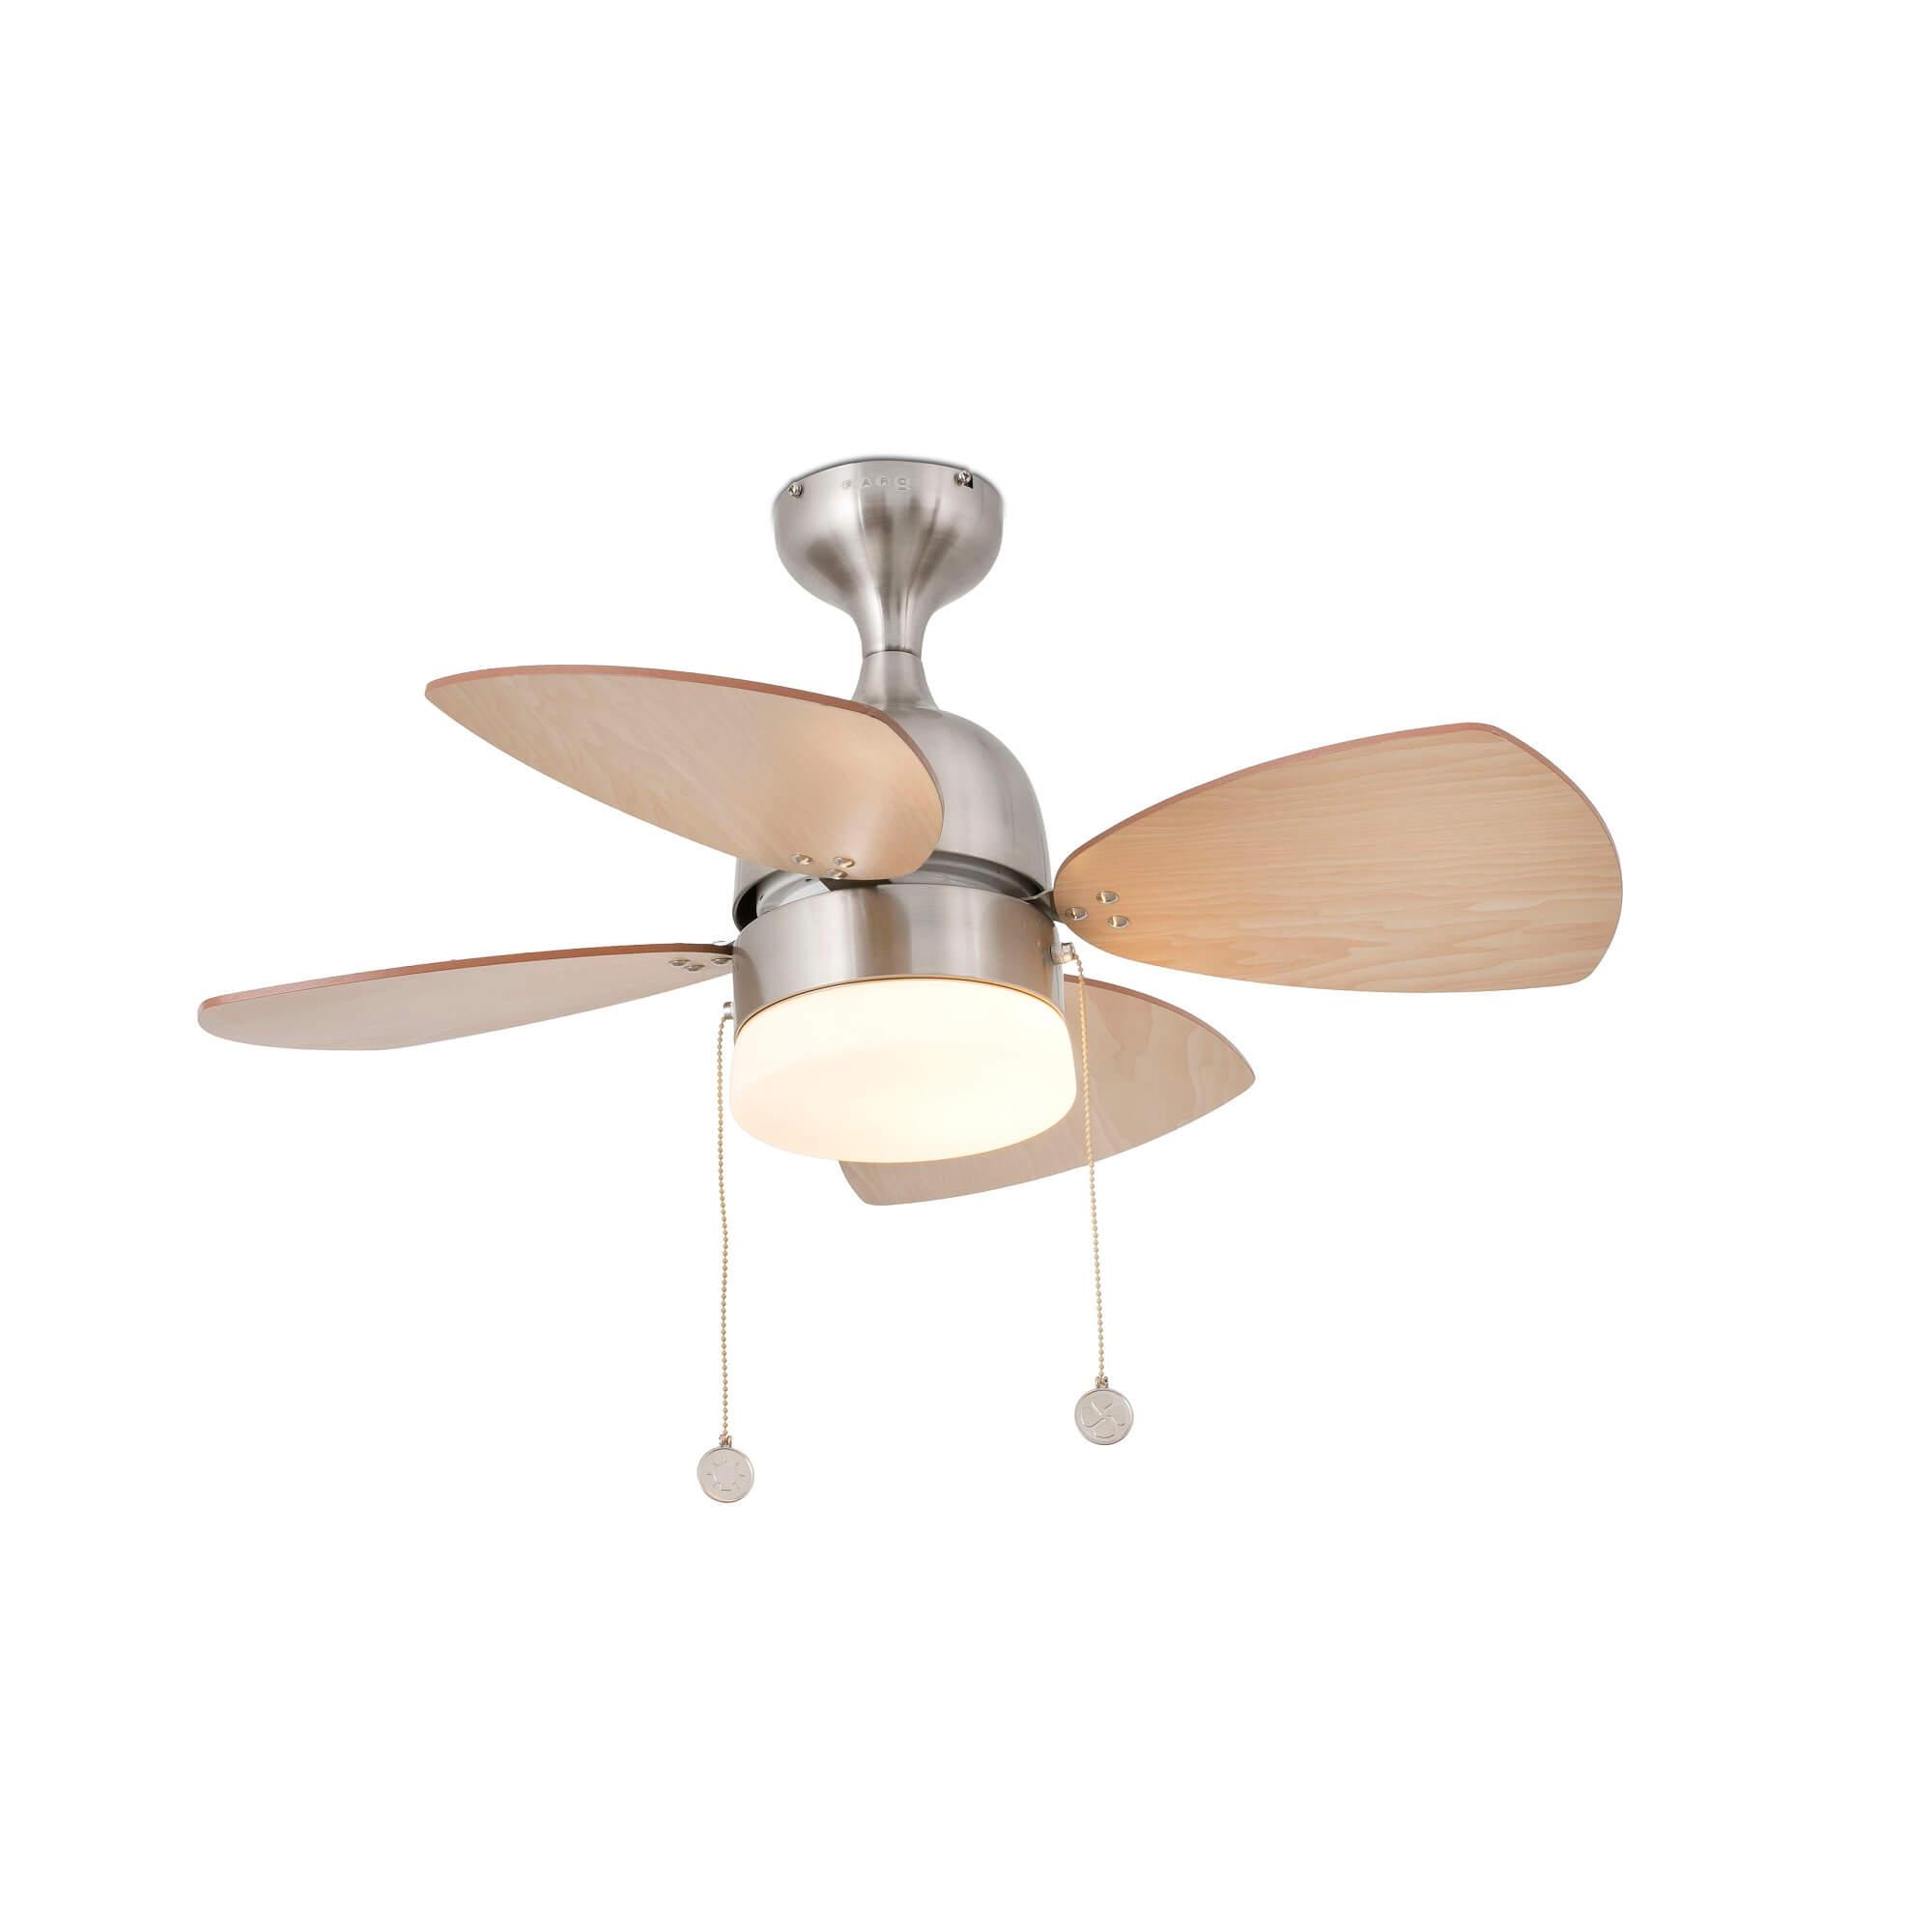 Stropný ventilátor FARO MEDITERRANEO 33706